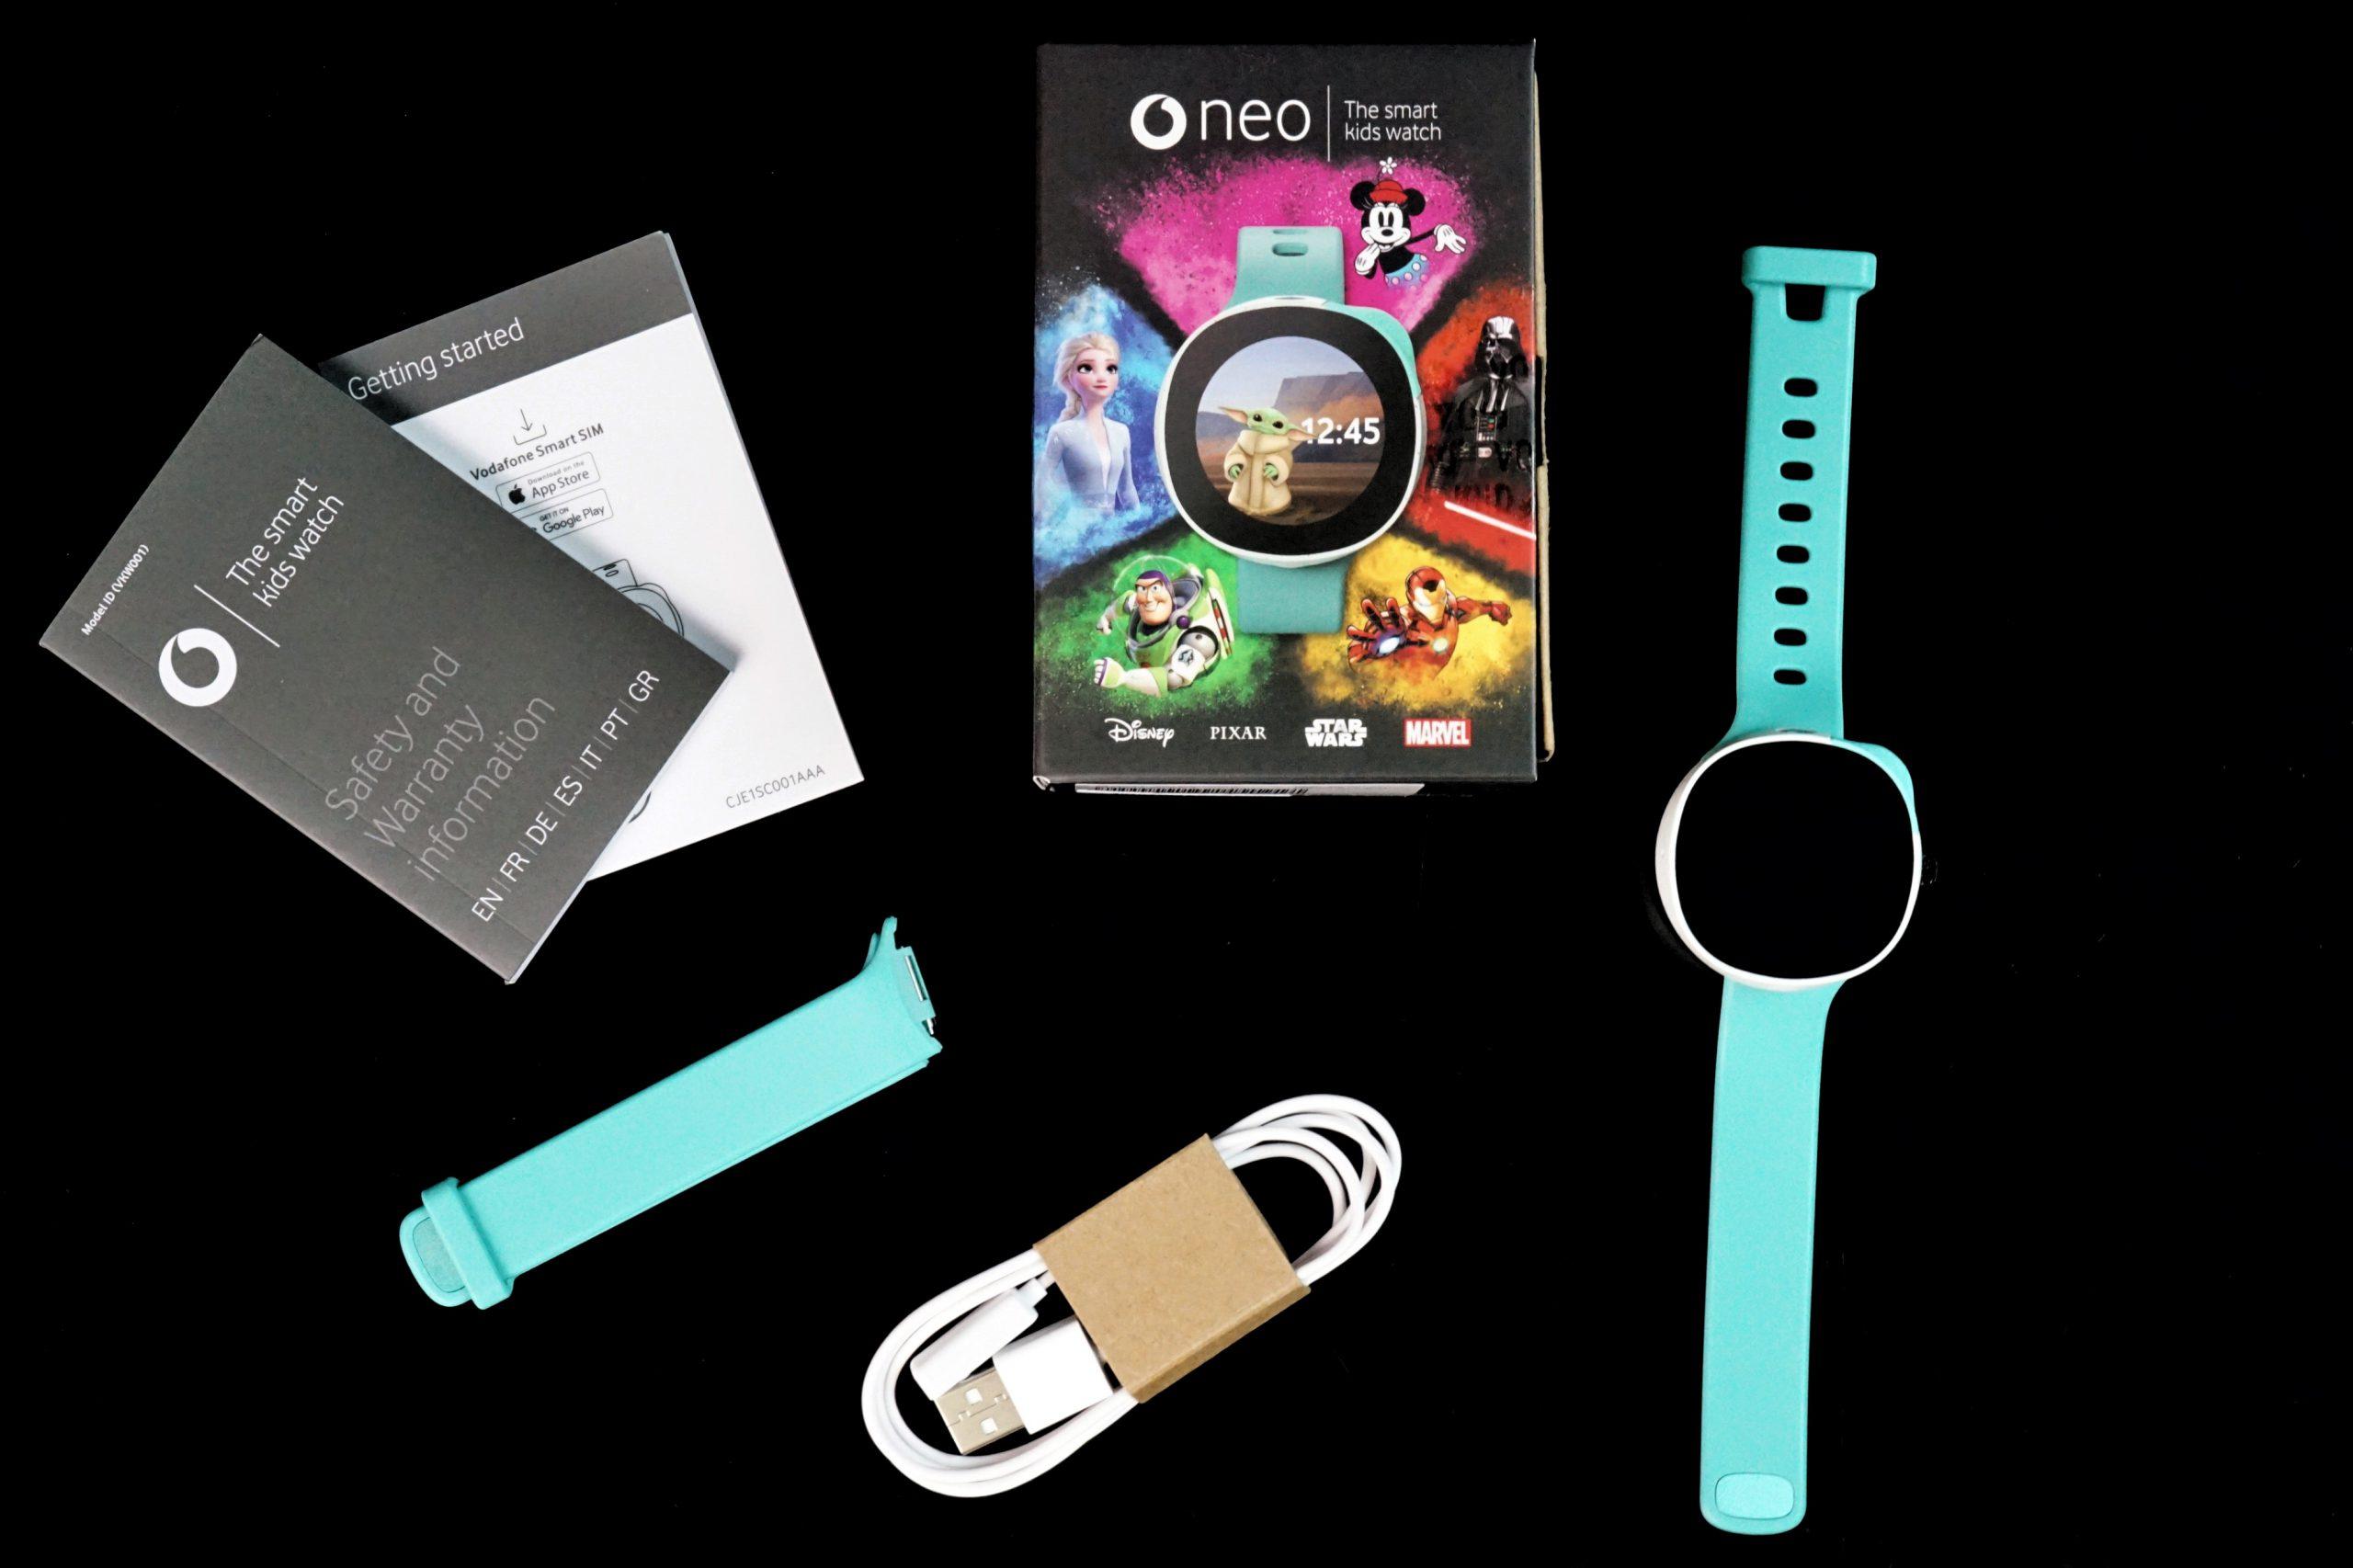 Im Lieferumfang sind die Neo Smartwatch, ein zusätzliches Armband, das Ladegabel und eine Kurzanleitung dabei